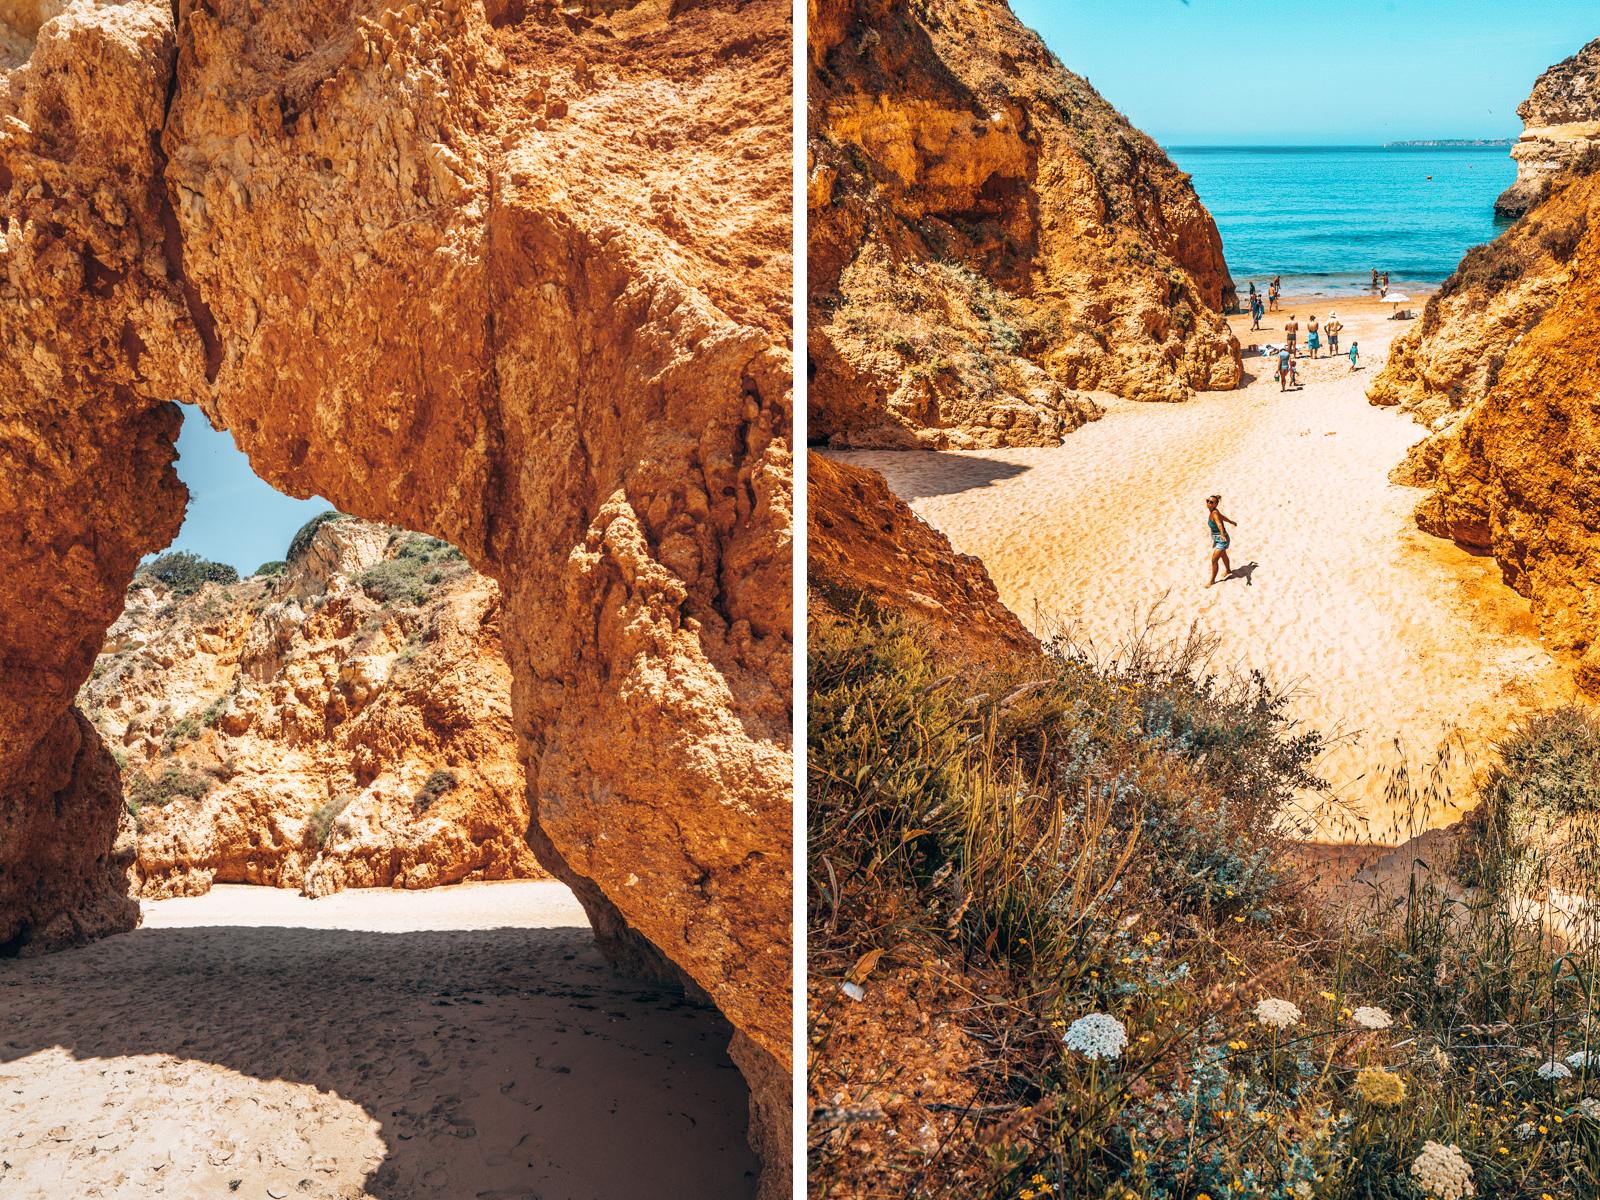 Praia dos Três Irmãos, Algarve, Portugal, Algarve Sehenswürdigkeiten, Algarve interessante Orte, schönste Orte